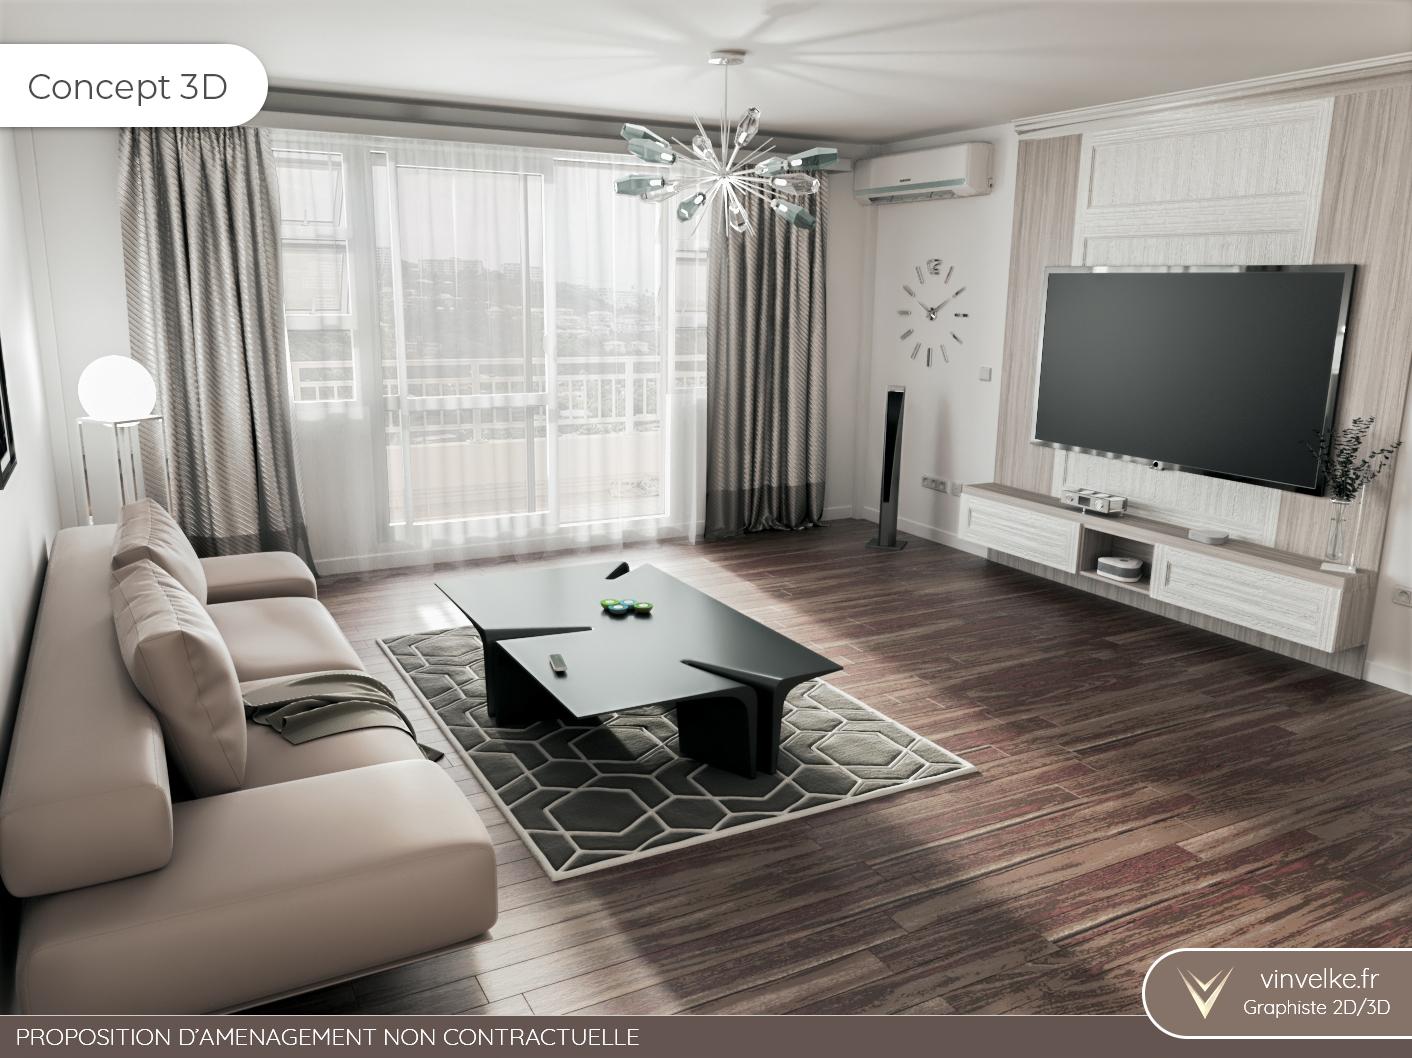 concept 3d du home staging virtuel pour un salon elegant